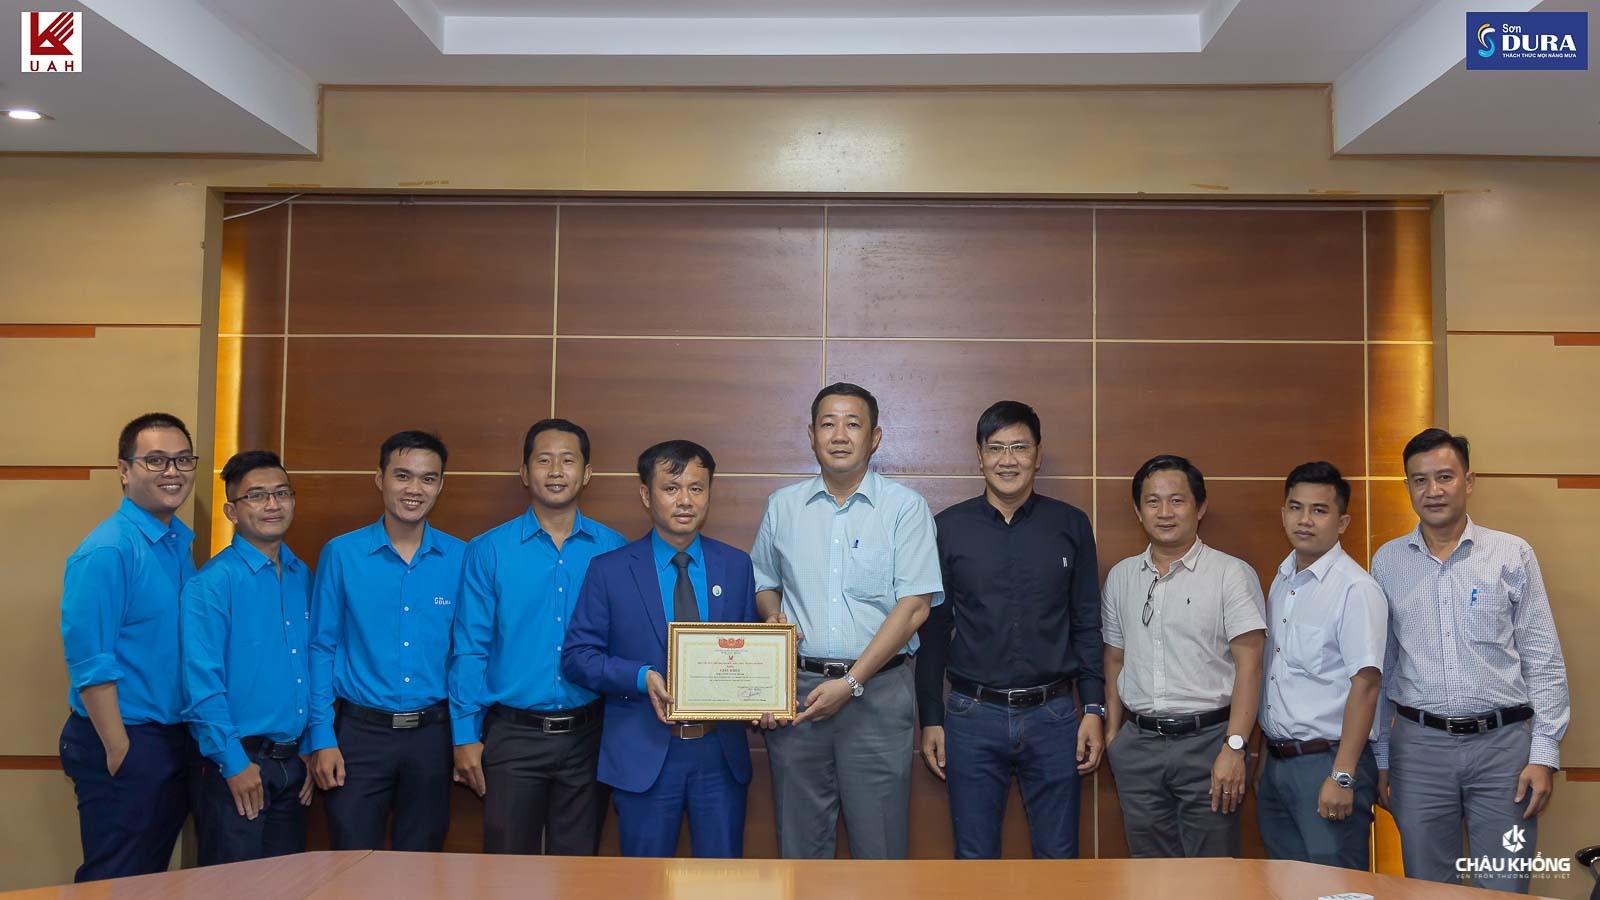 Tại buổi thảo luận hợp tác giữa Công ty TNHH Sơn DURA và Trường Đại học Kiến Trúc TPHCM